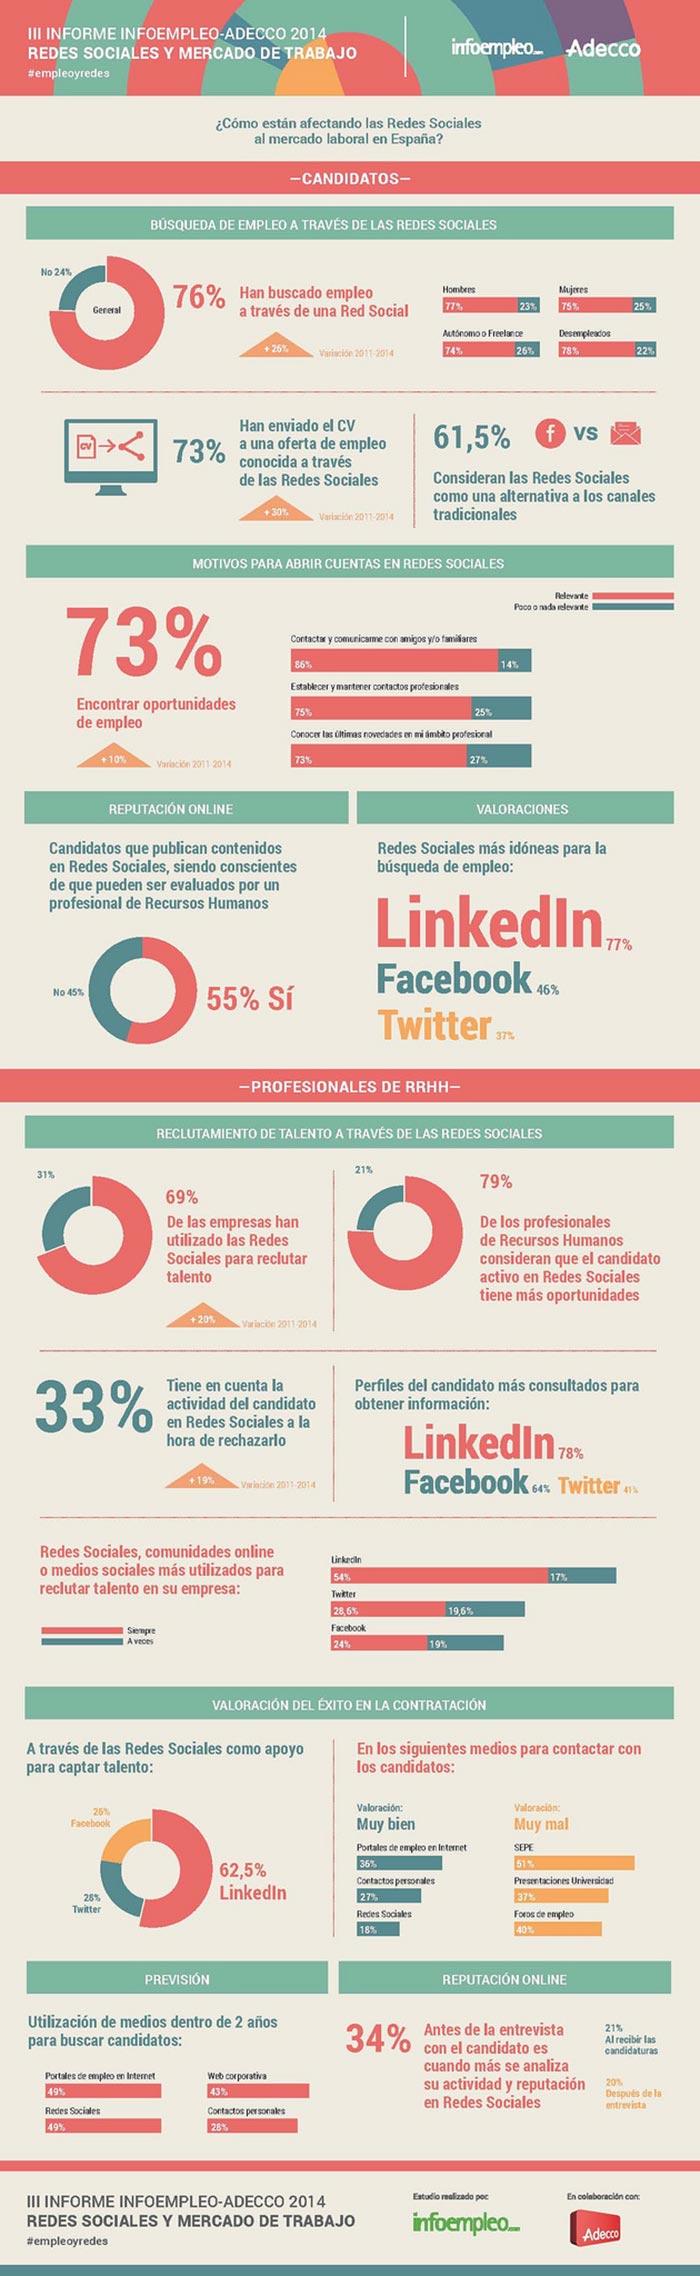 Infografia sobre como las empresas usan las redes sociales para reclutar trabajadores